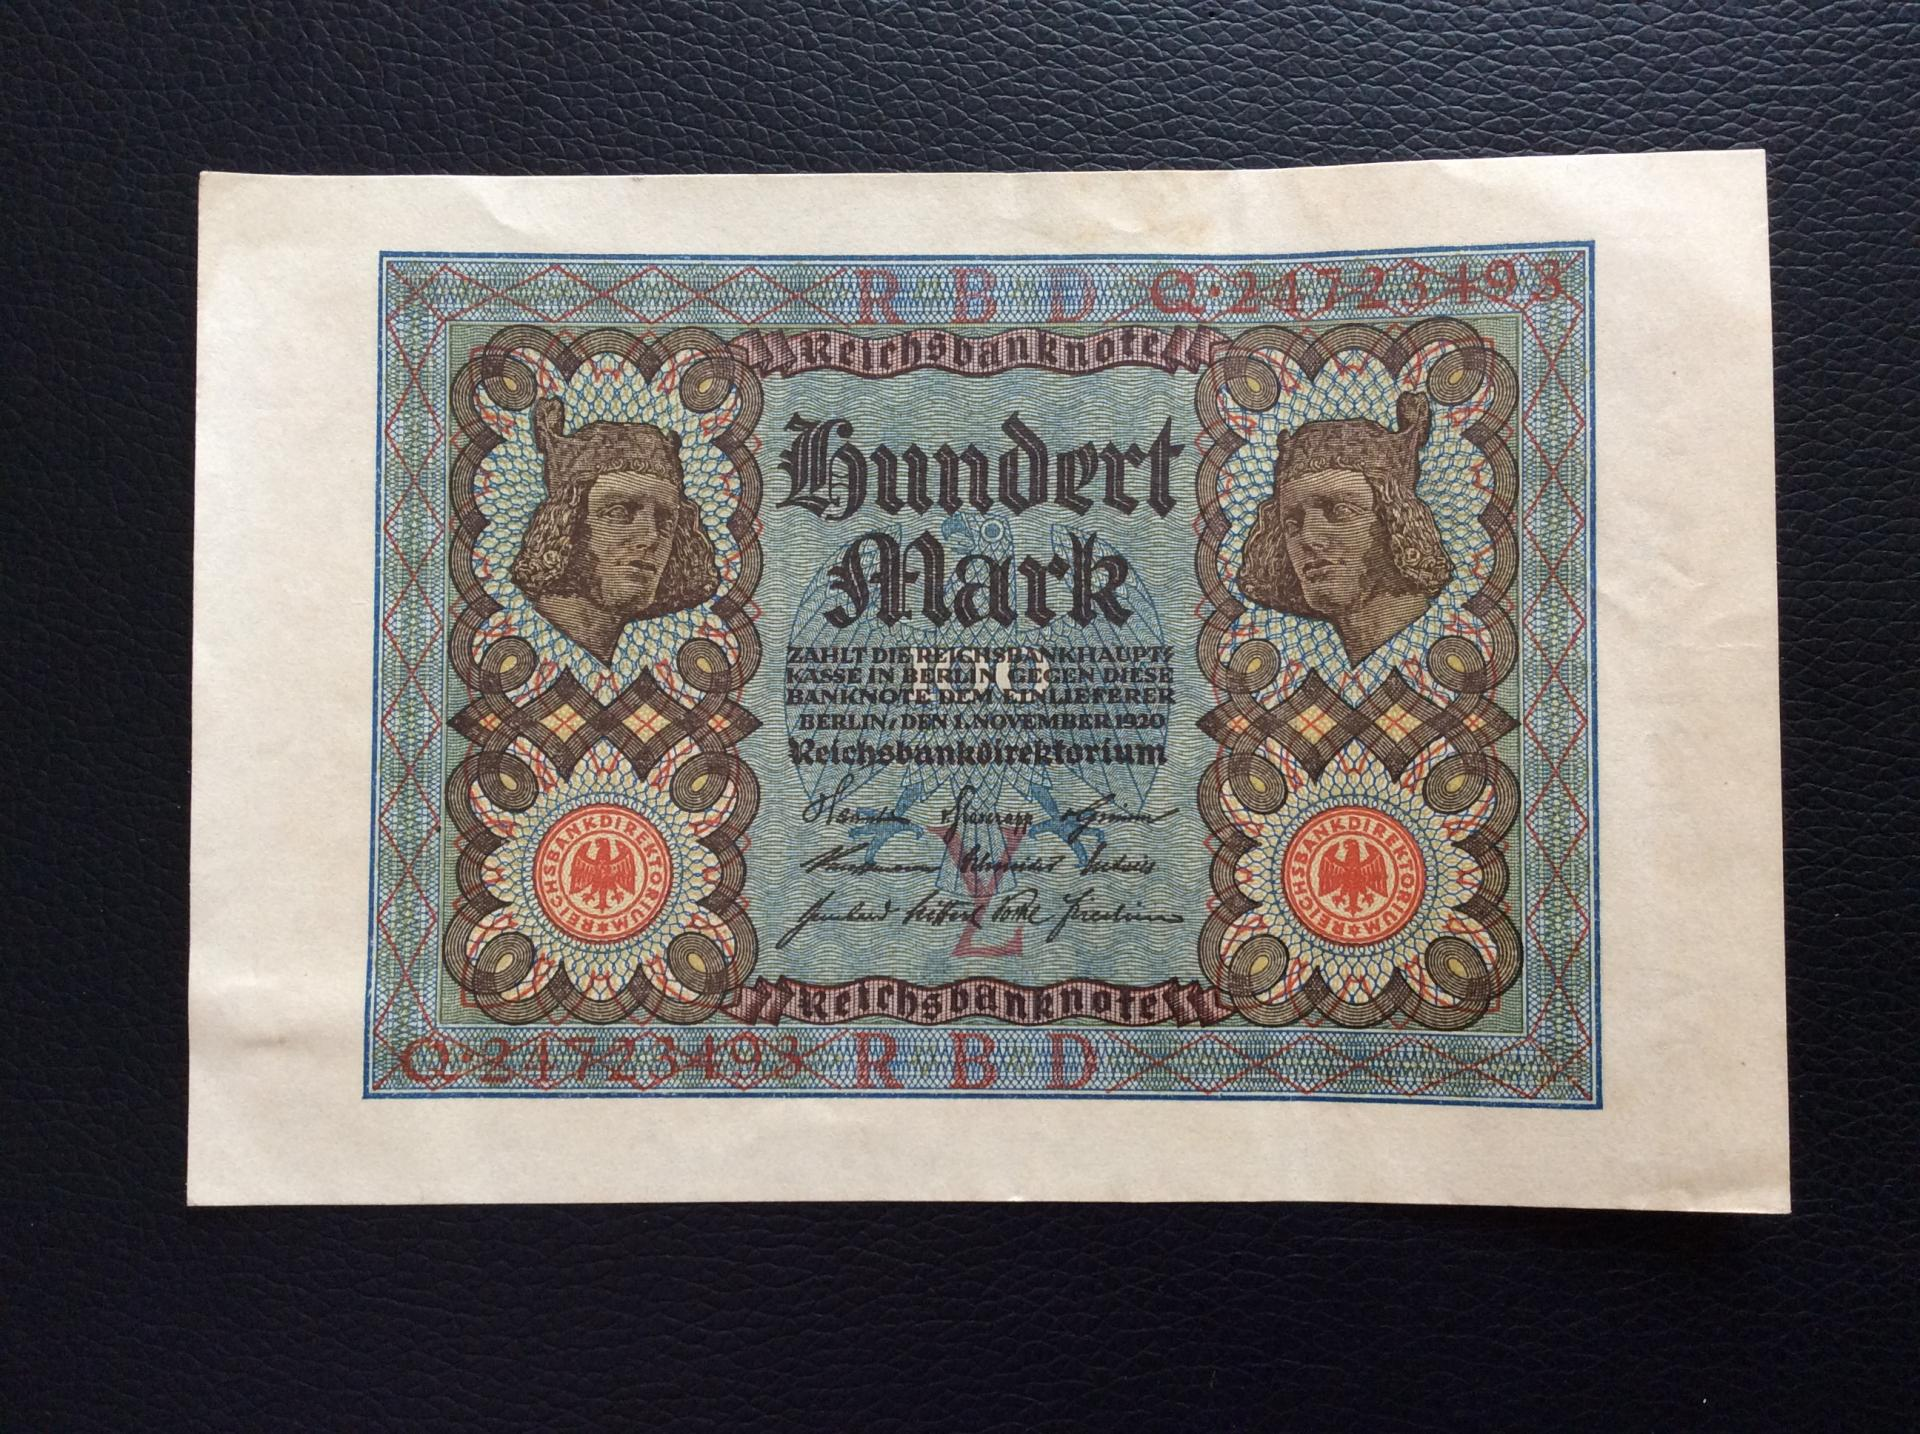 100 MARK 1920 - BERLÍN ALEMANIA - REICHSBANKNOTE